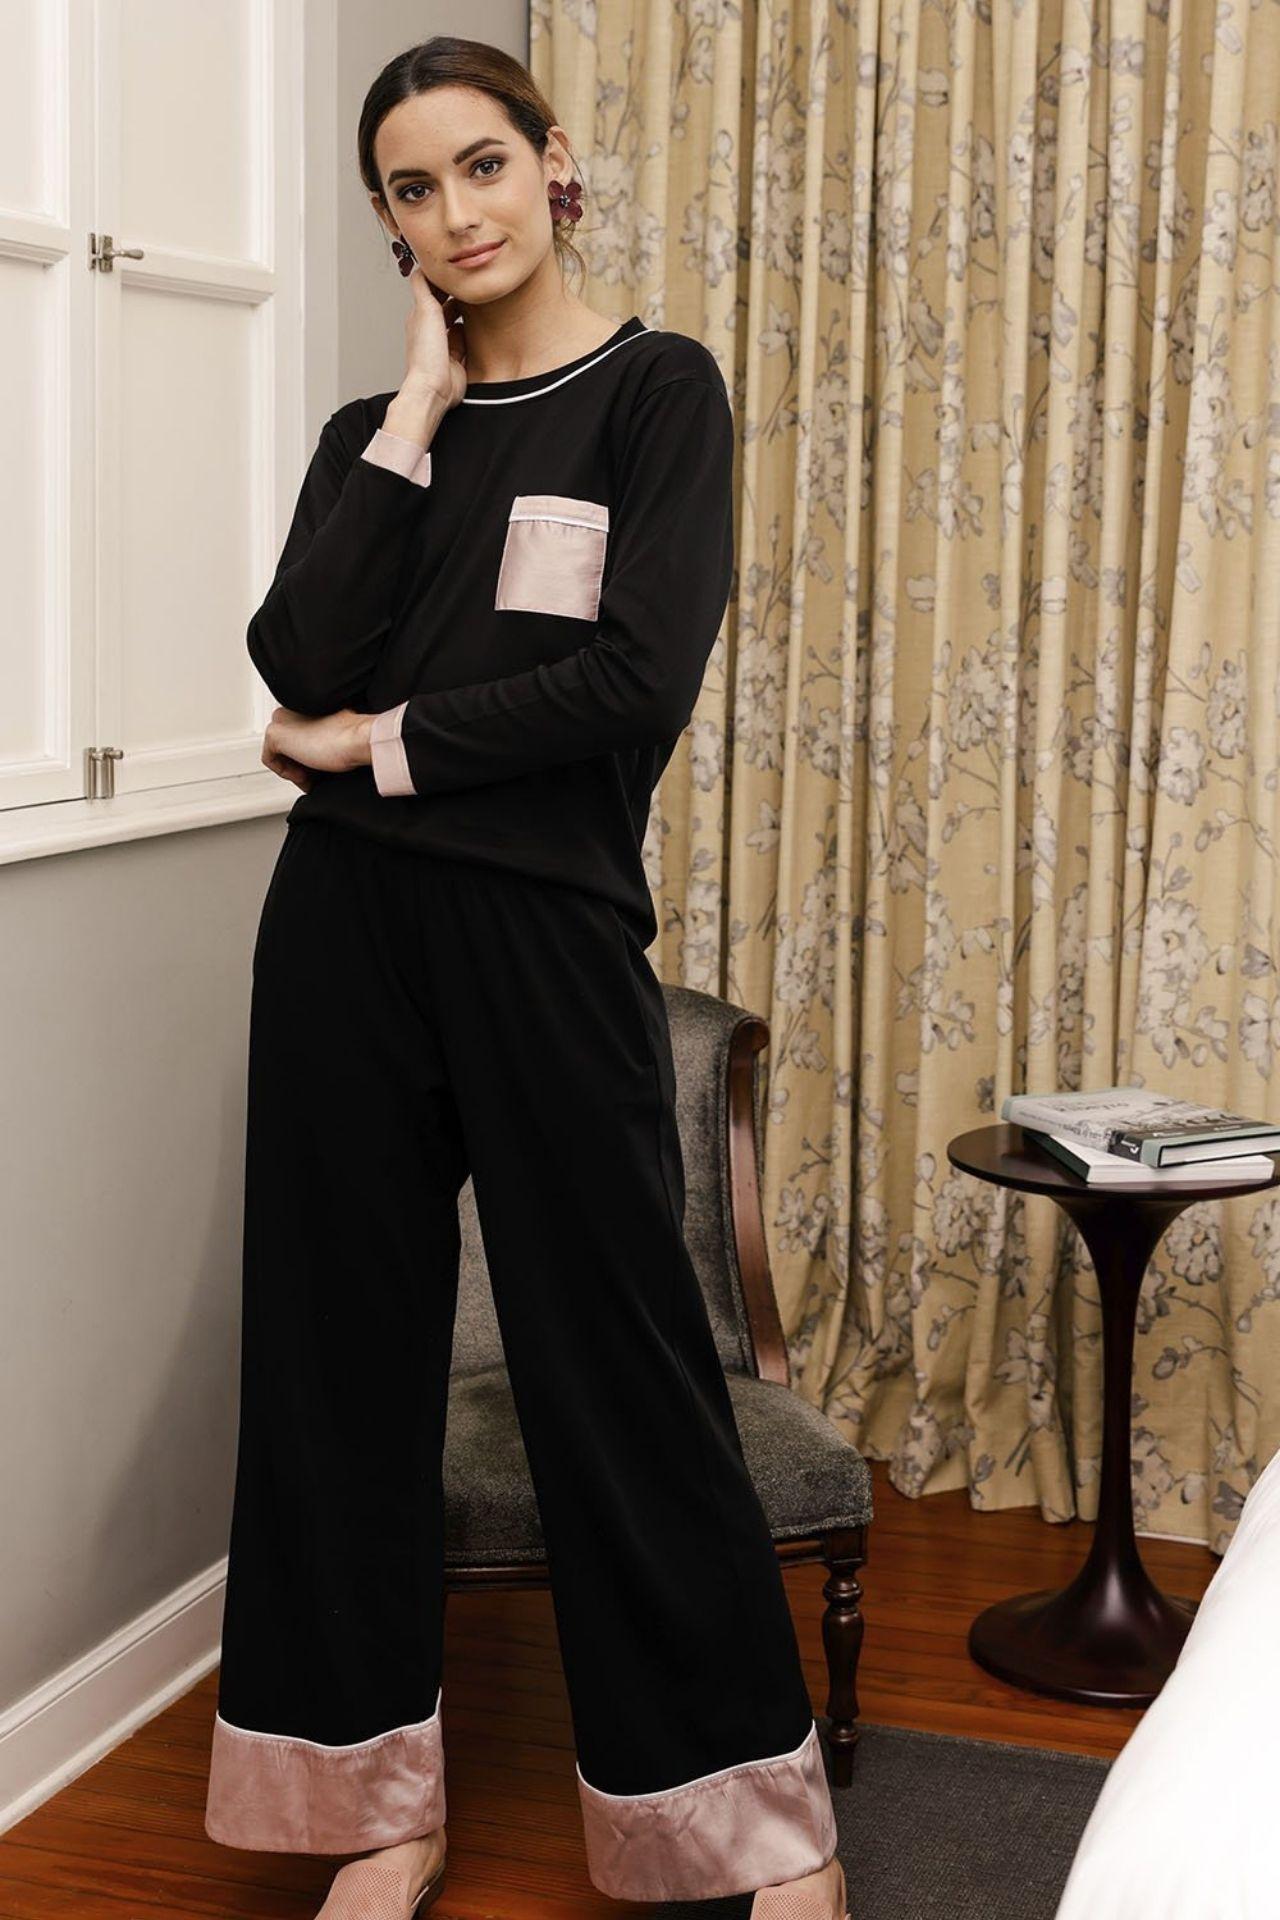 Único y especial. Nuestro pijama Cloe te envolverá con la suavidad del algodón pima y detalles en color dusk pink.